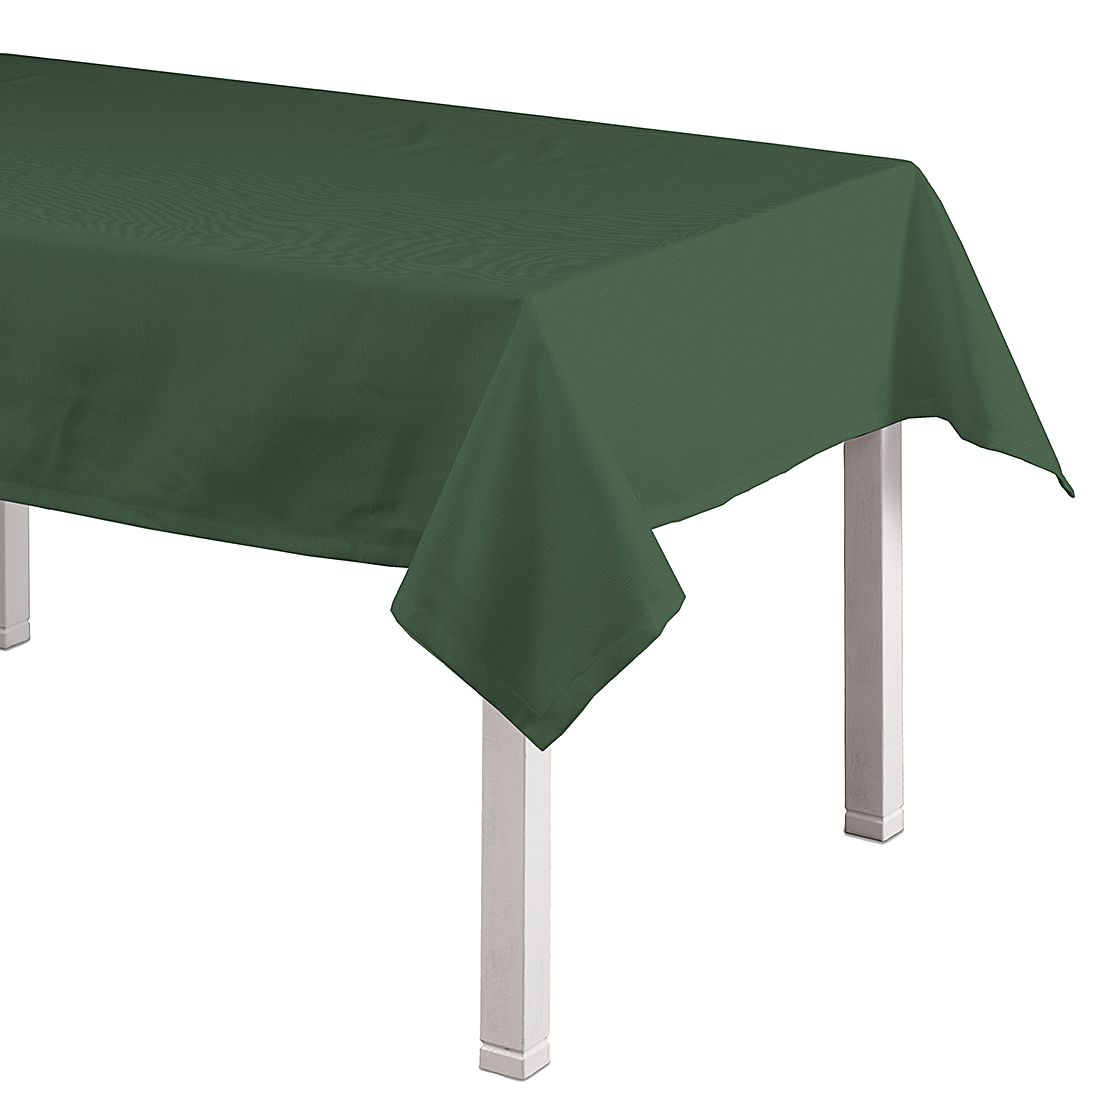 Tischdecke Cotton Panama – Tannengrün – 130 x 130 cm, Dekoria günstig